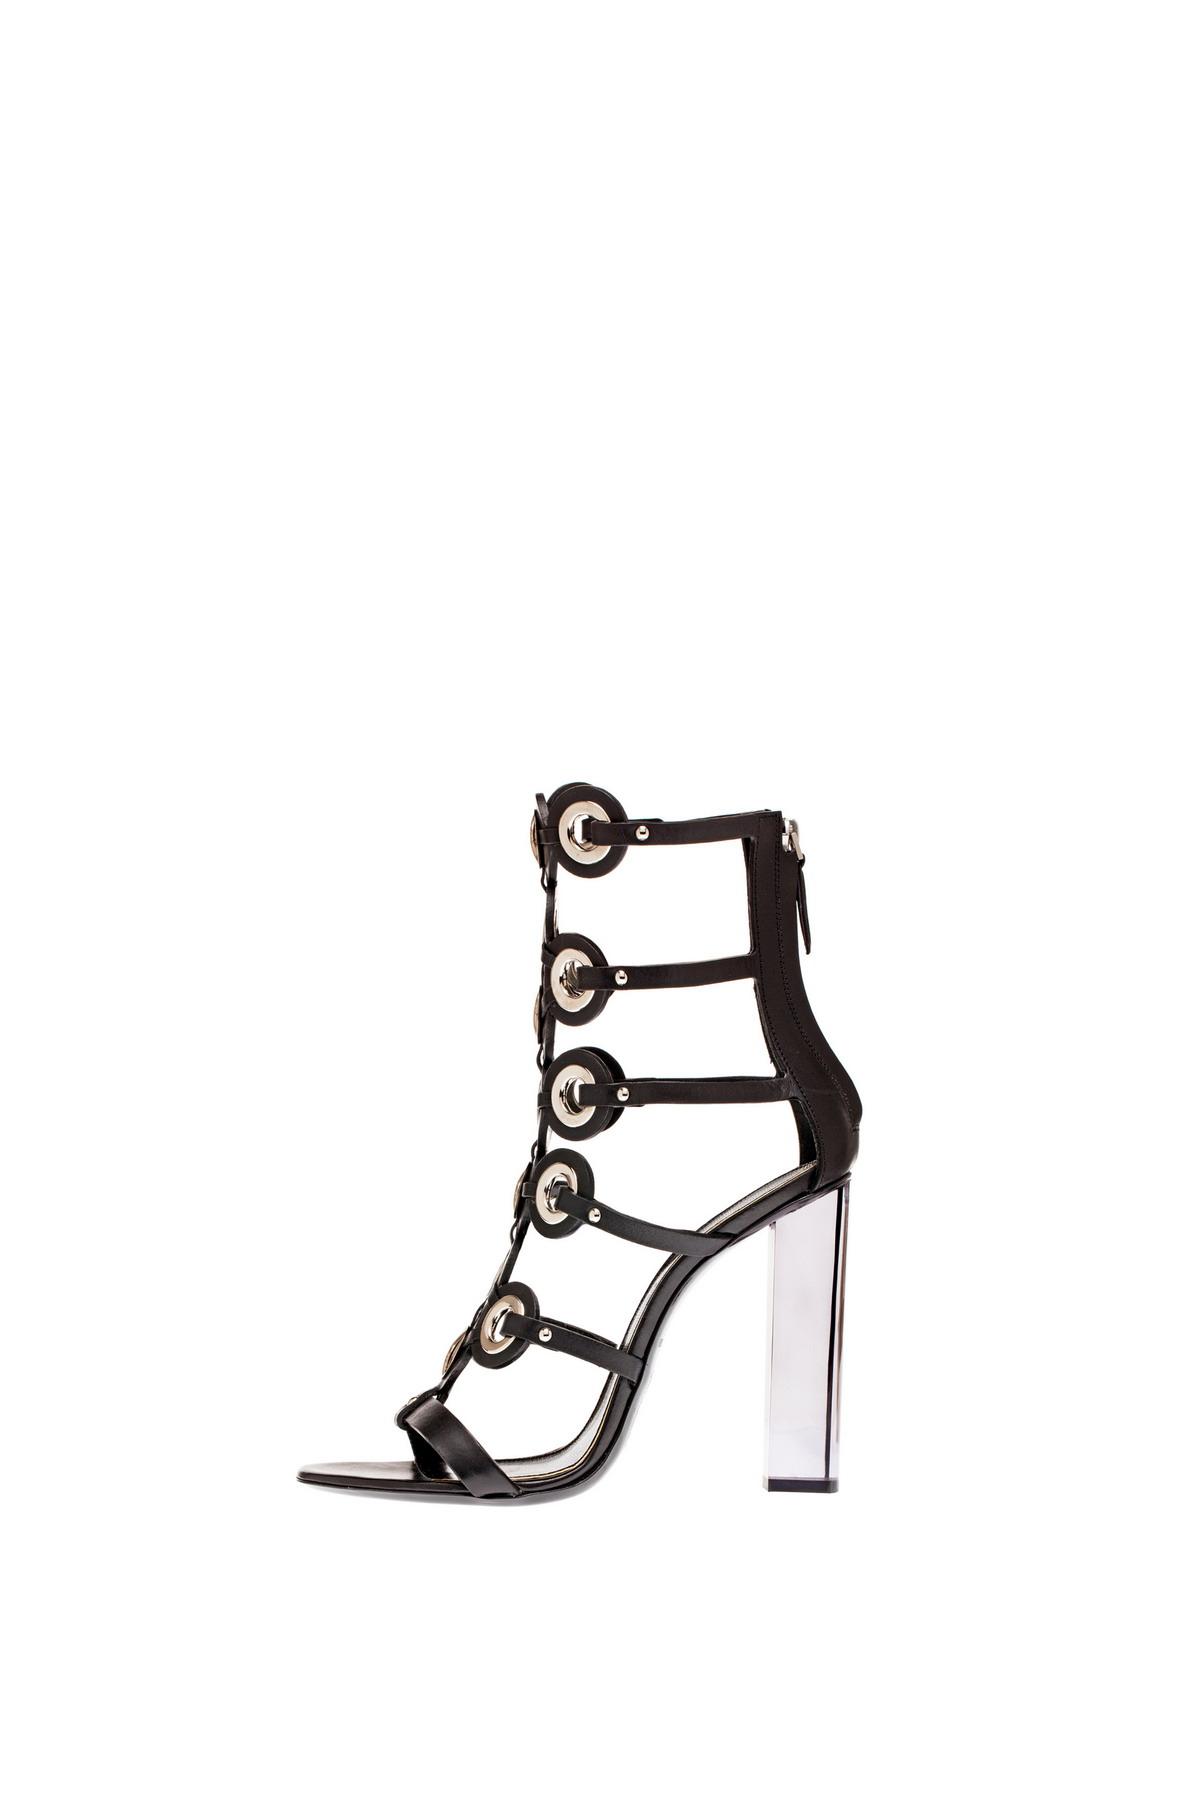 02_EmilioPucci_accessories_SS2015_ridimensionare